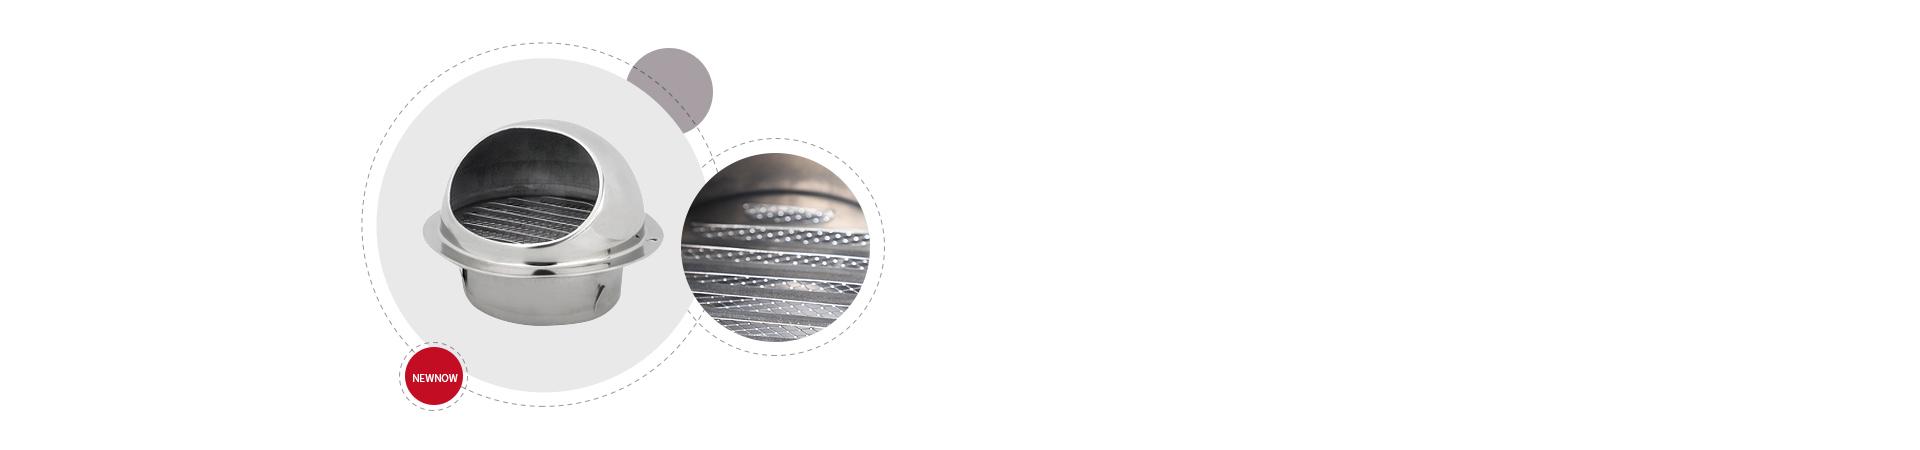 网站---不锈钢风帽_04.jpg